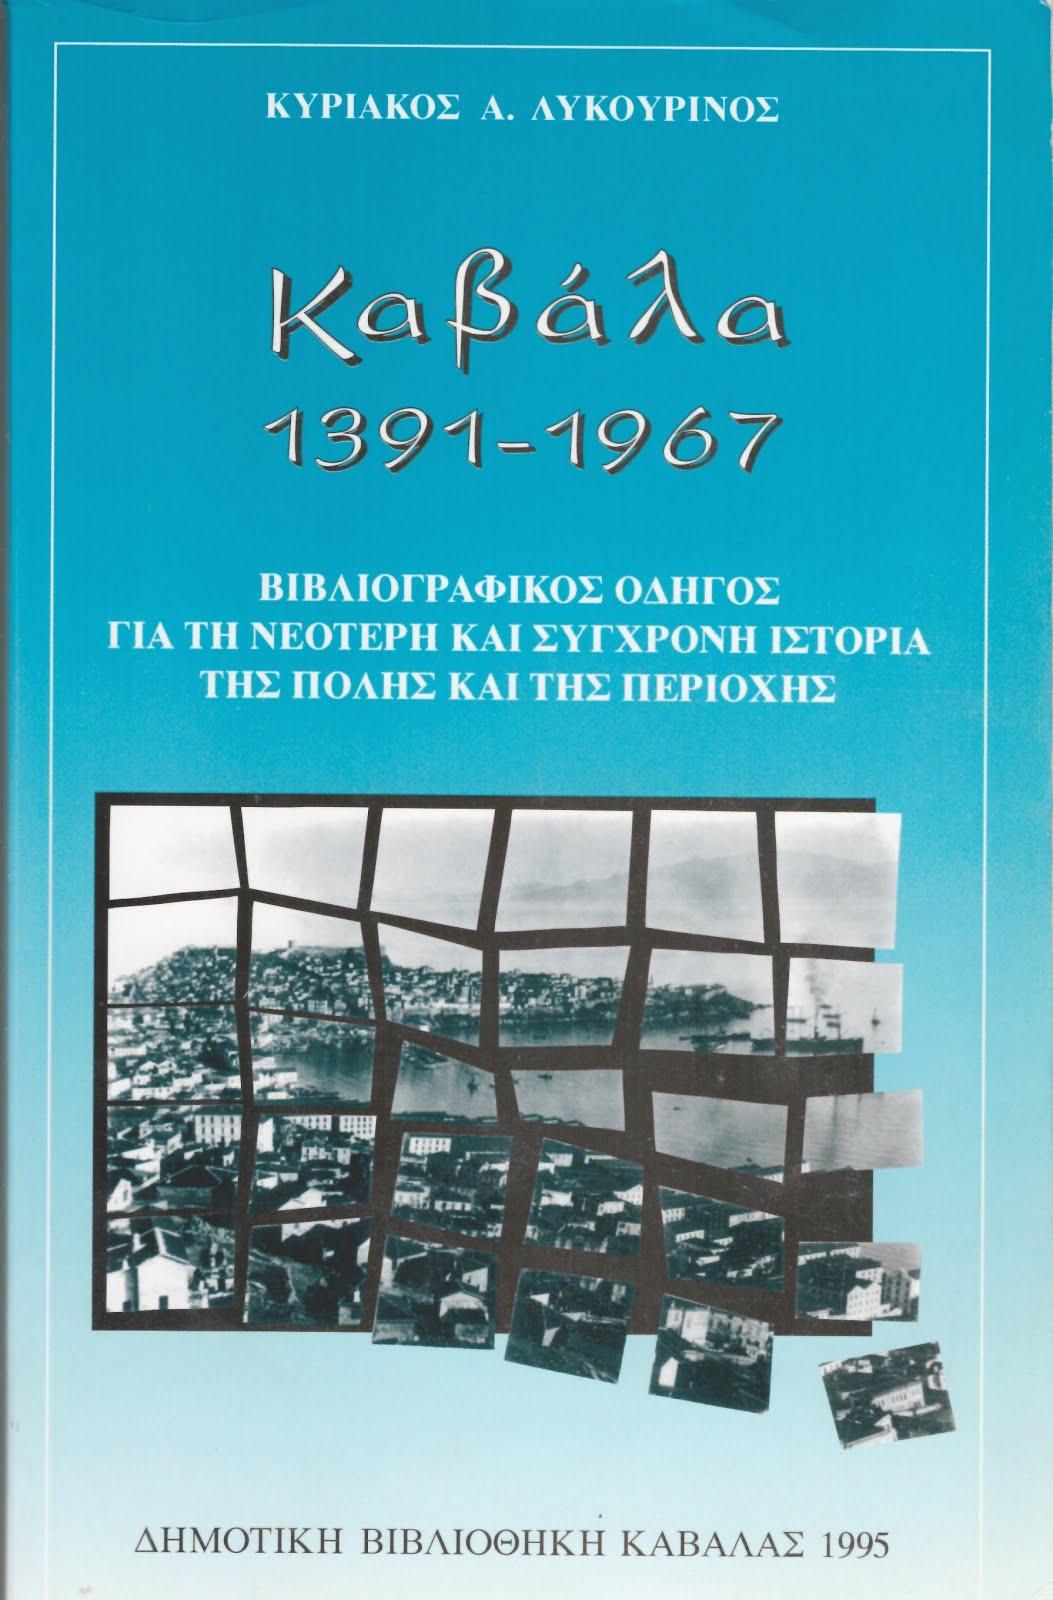 Καβάλα 1391-1967. Βιβλιογραφικός Οδηγός..., έκδοση ΔΒΚ, Καβάλα 1995, σσ. 208.